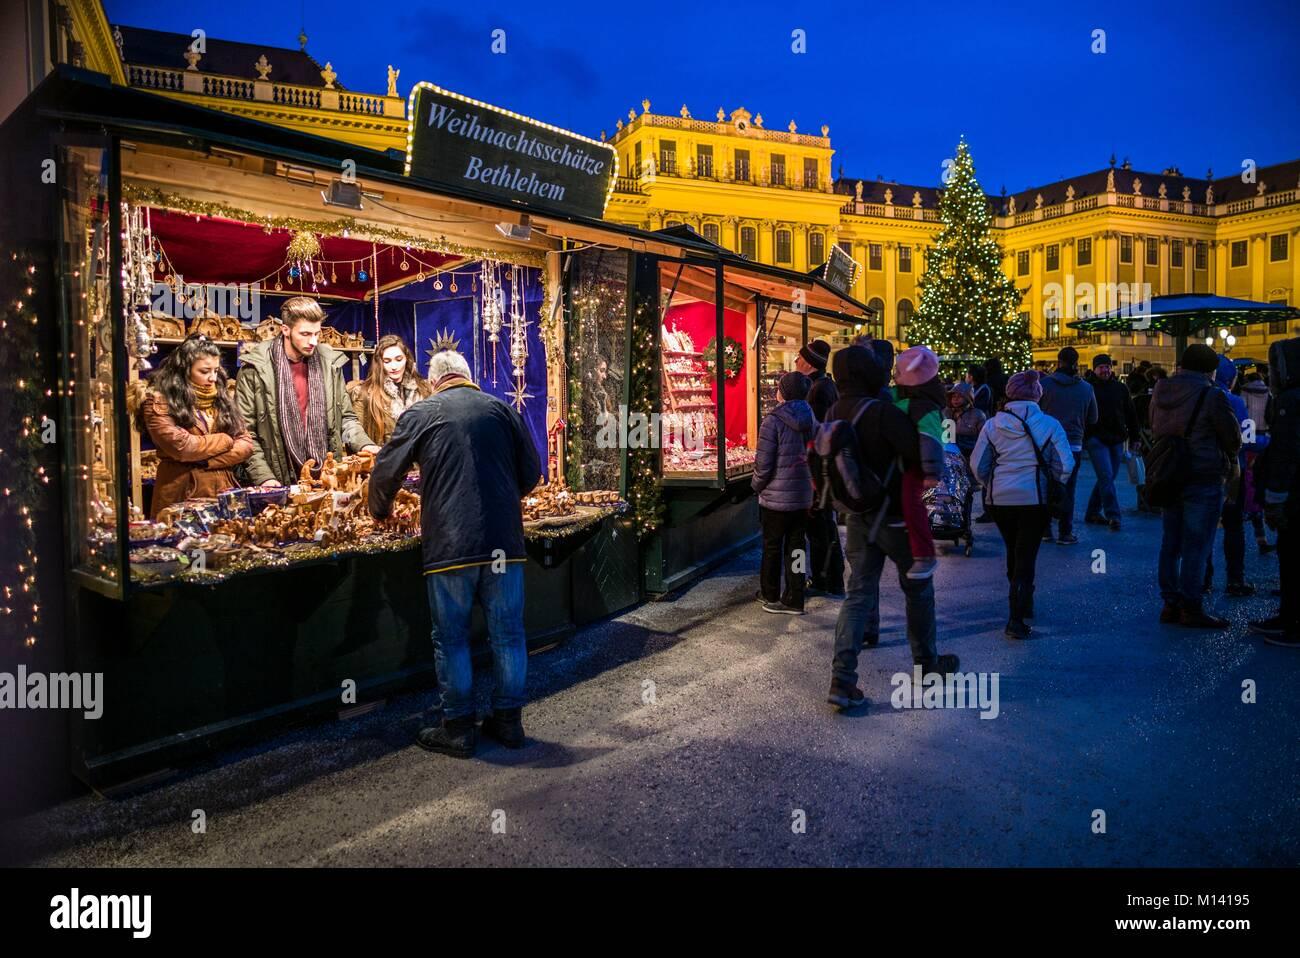 Austria, Viena, al palacio de Schonbrunn, el Mercado de Navidad, Noche Imagen De Stock